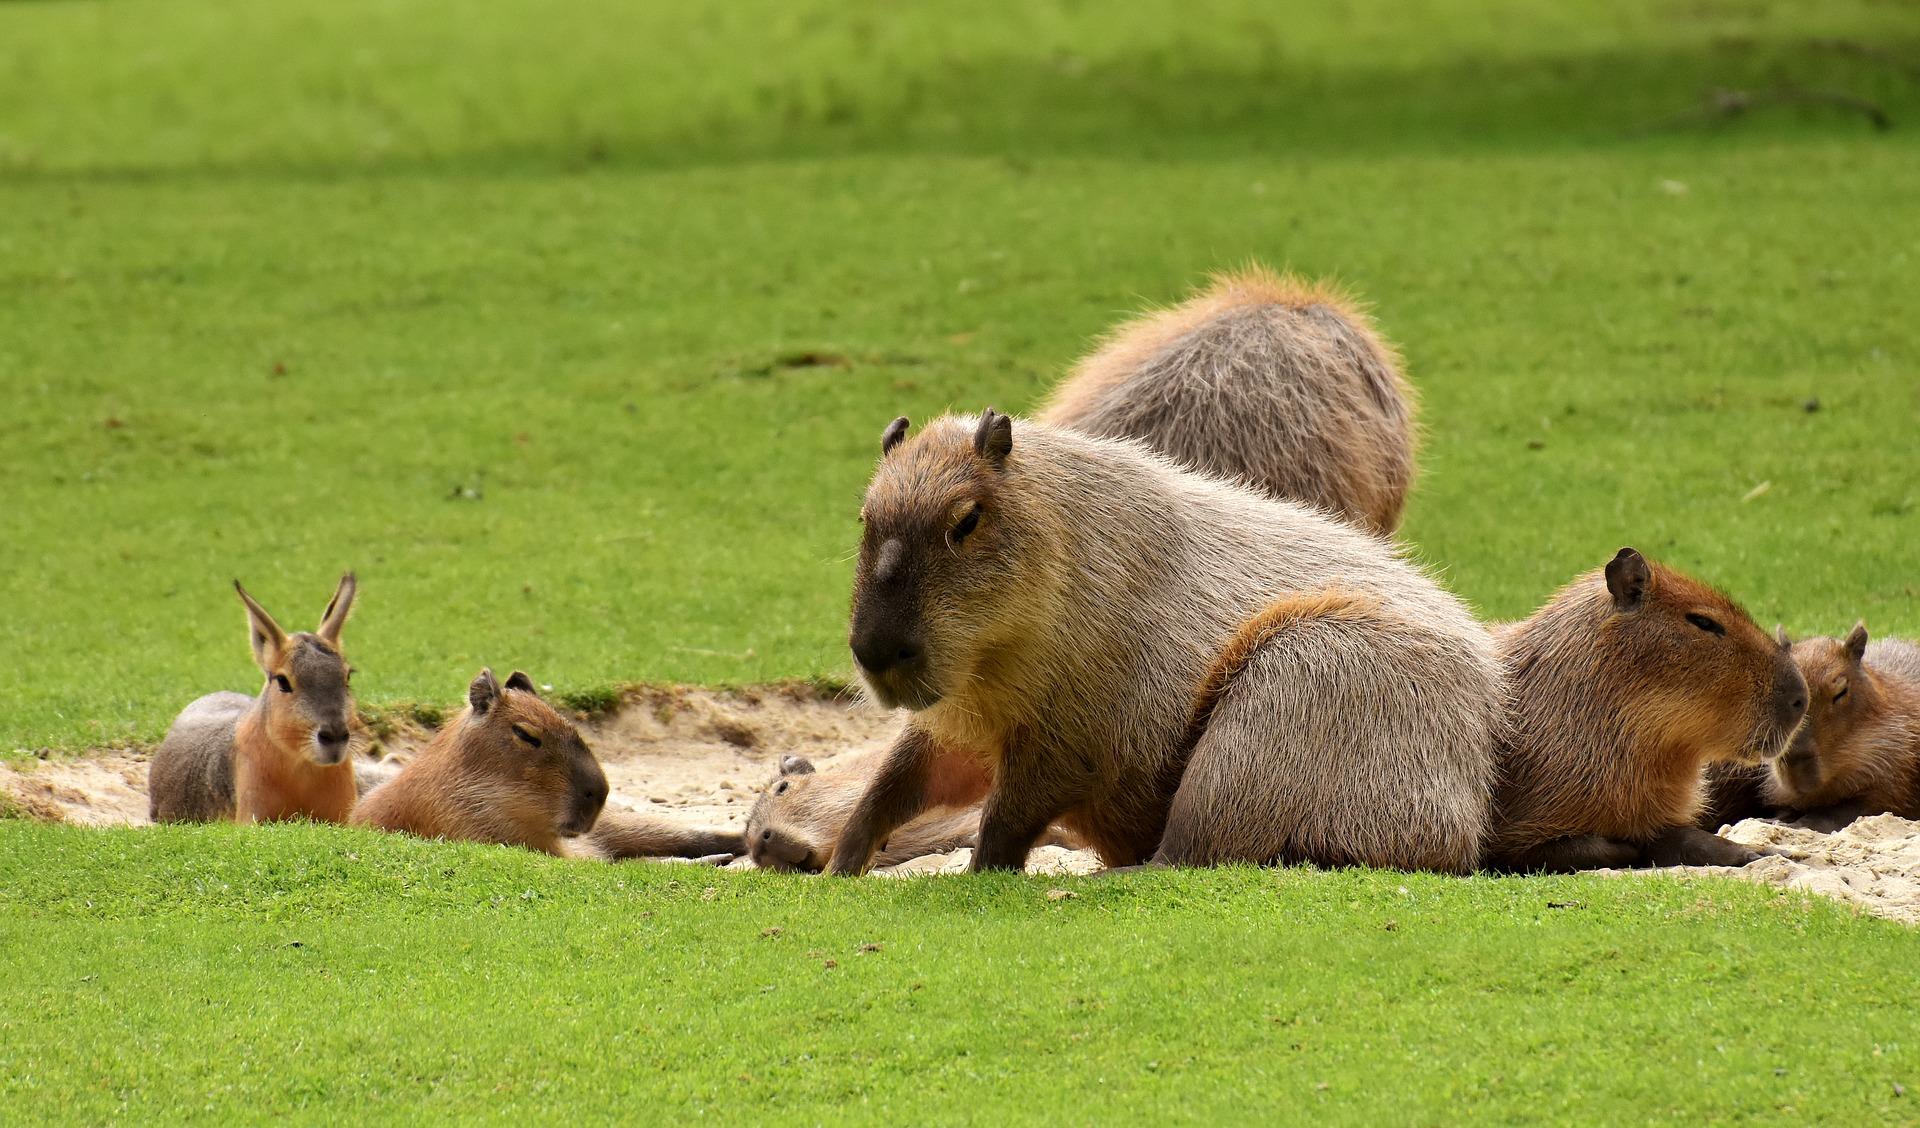 Das Capybara ist intelligent und kann gezähmt werden.